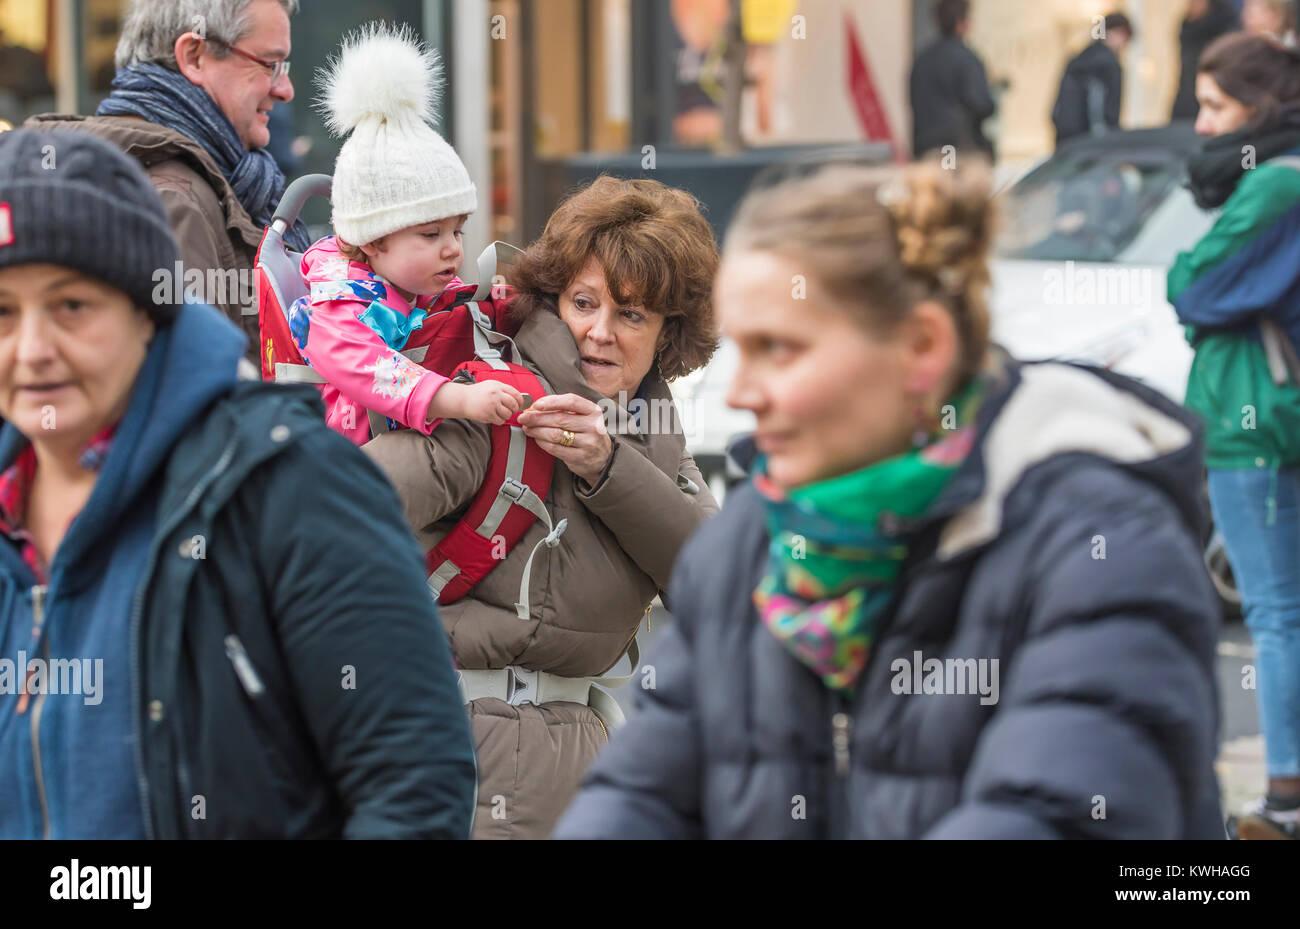 Frau, die ein Kind auf ihren Schultern, eine piggy zurück fahren, unter den Massen in einer belebten Straße Stockbild